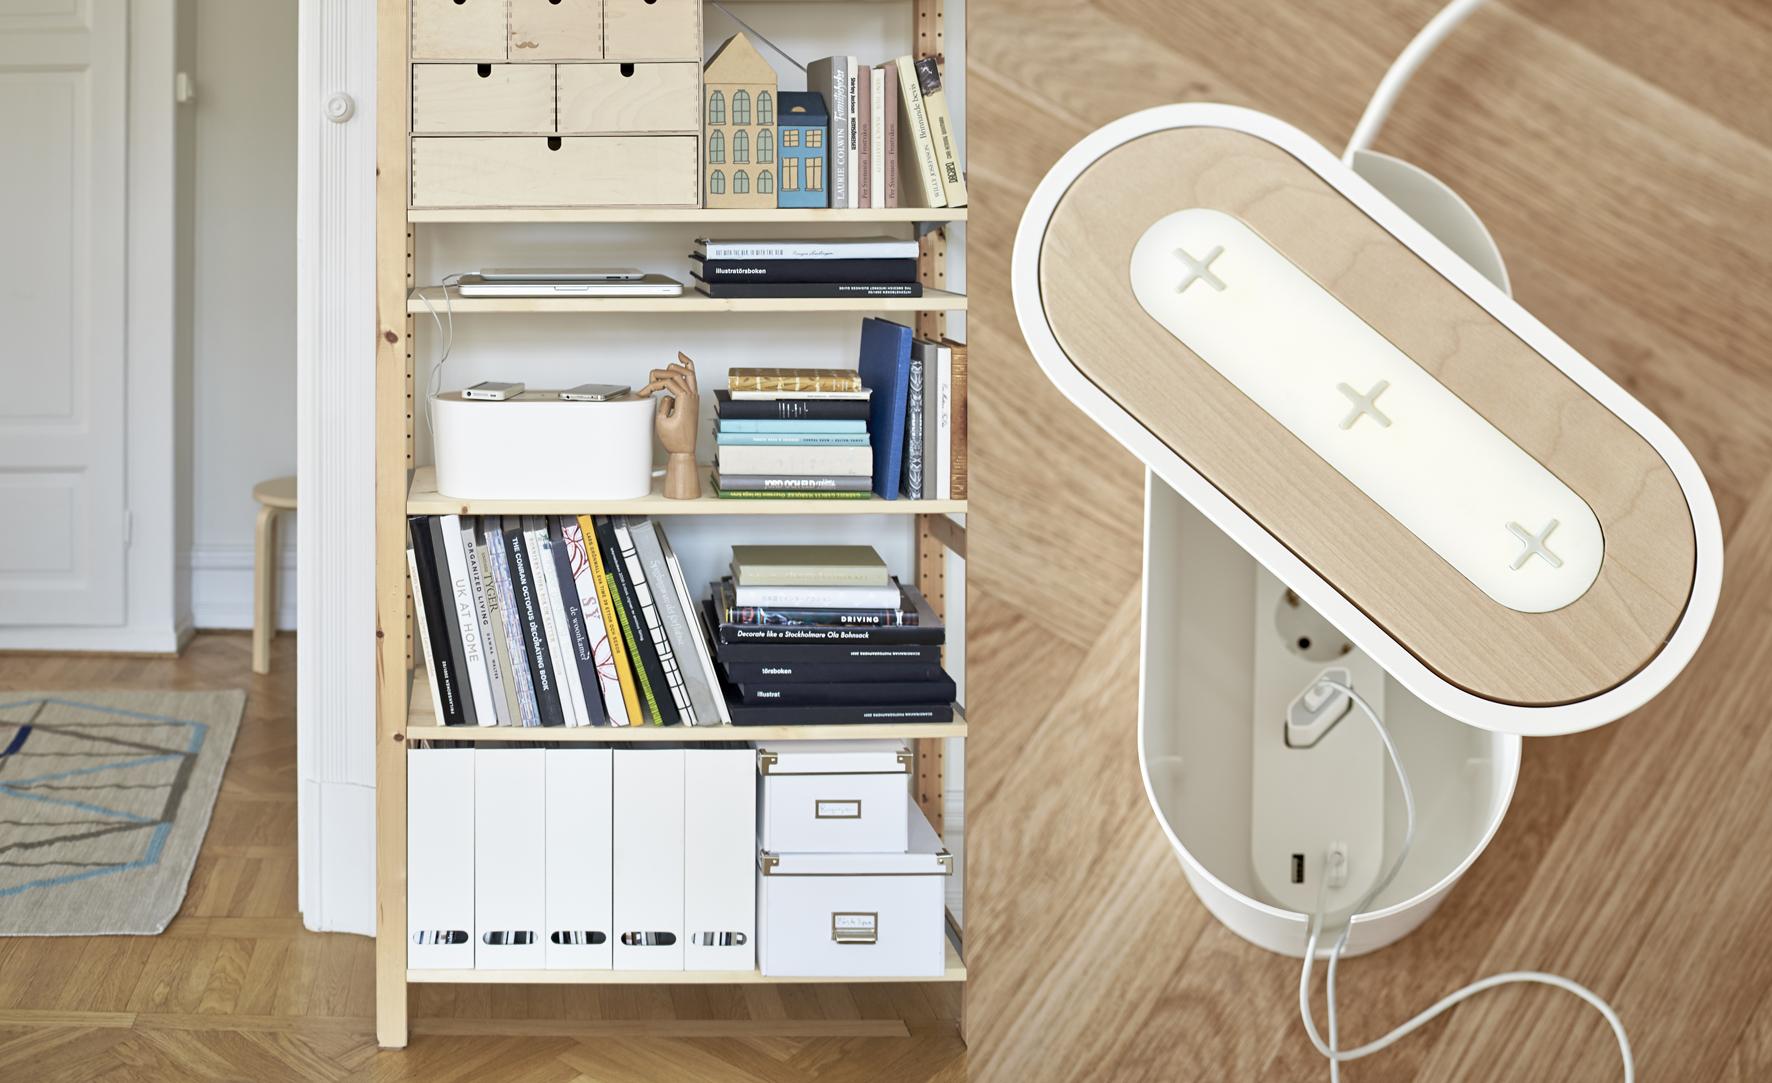 ikea lanceert nieuwe meubels die je smartphone draadloos kunnen opladen numrush. Black Bedroom Furniture Sets. Home Design Ideas